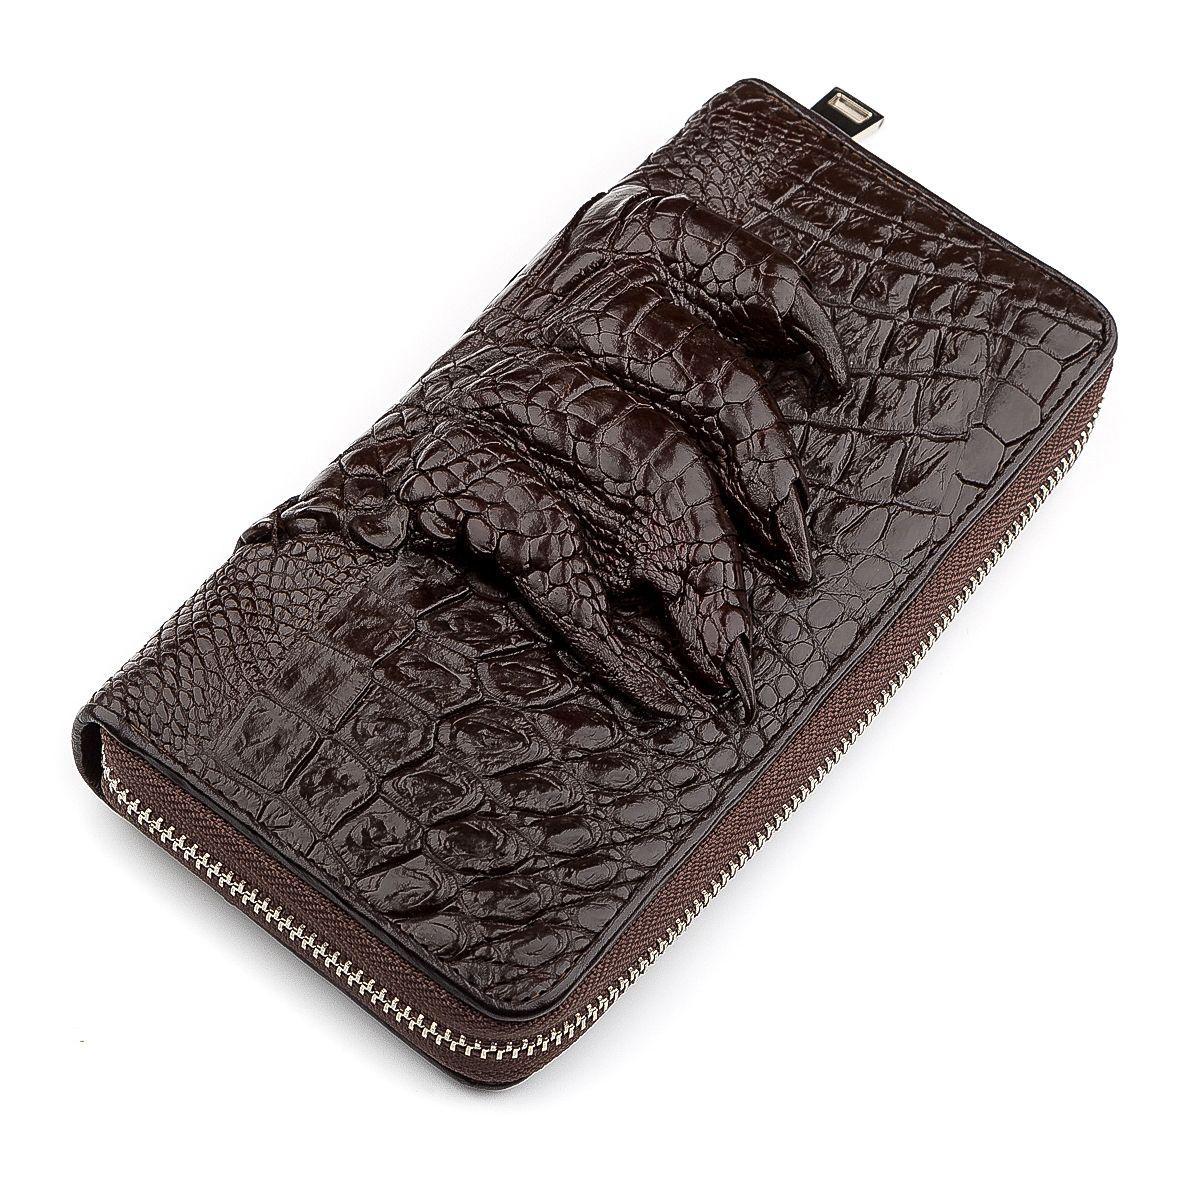 Клатч мужской Ekzotic Leather из натуральной кожи крокодила Коричневый (cb 30)